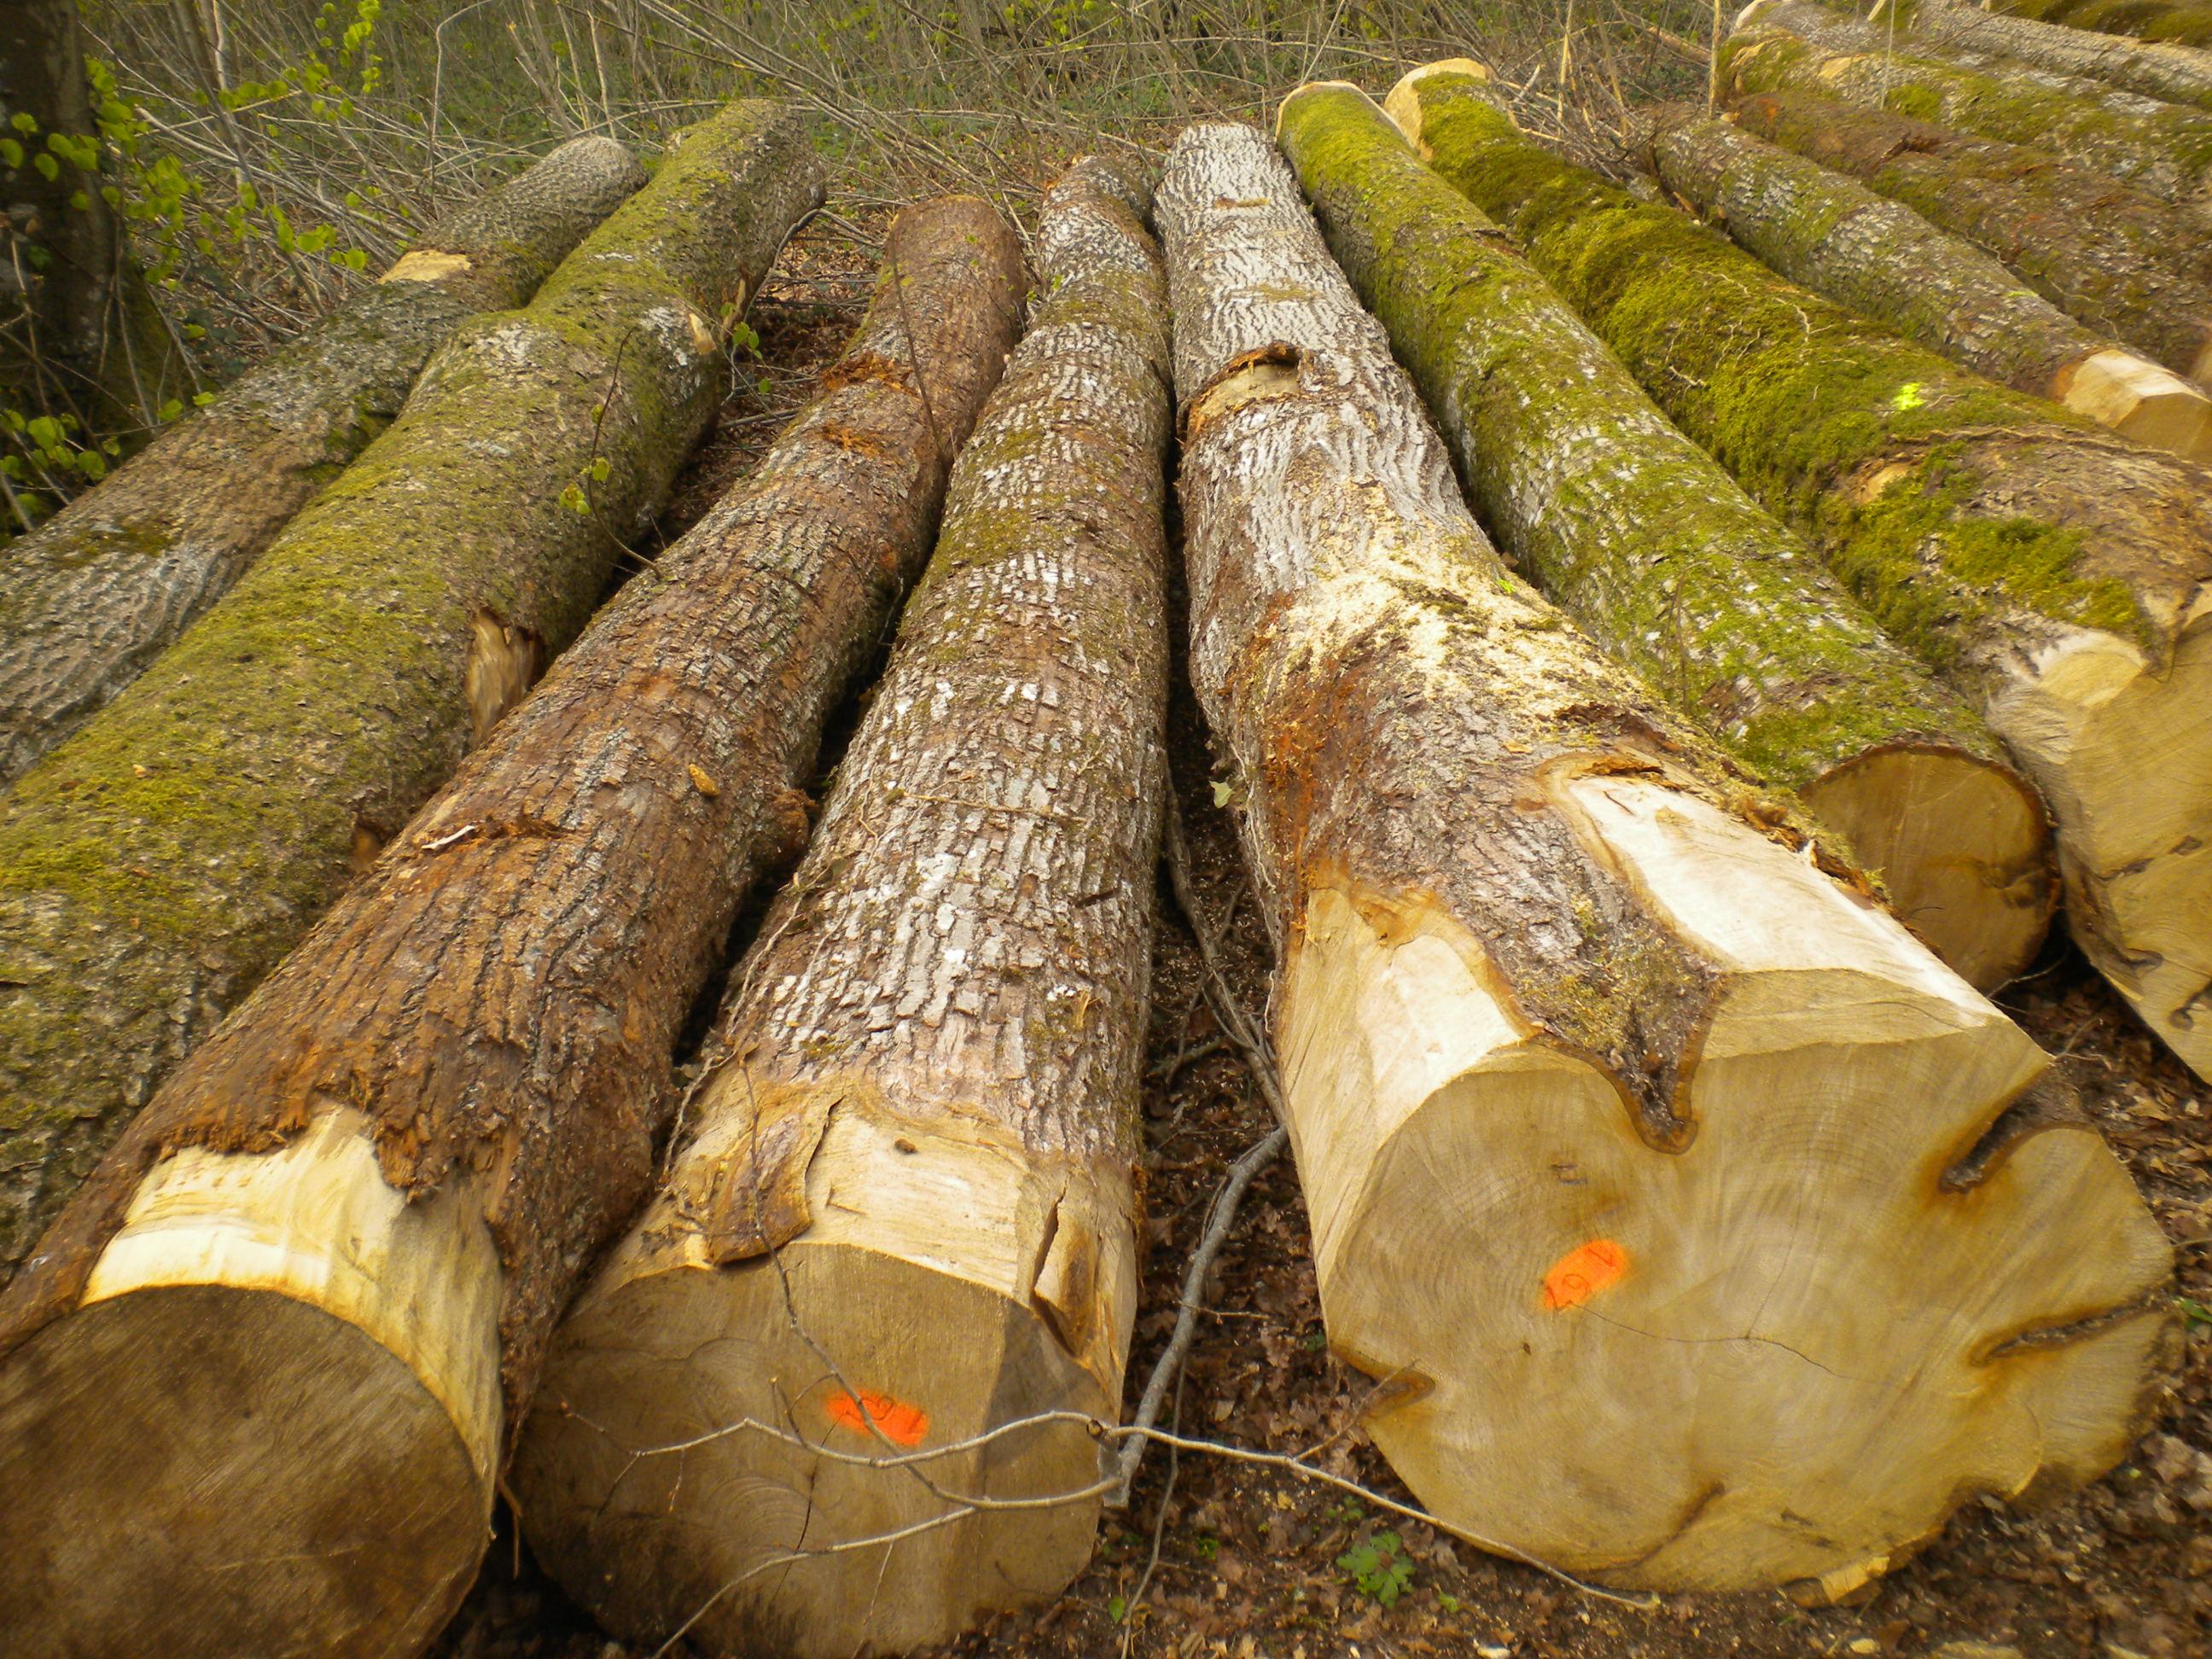 Los tipos de madera según su dureza